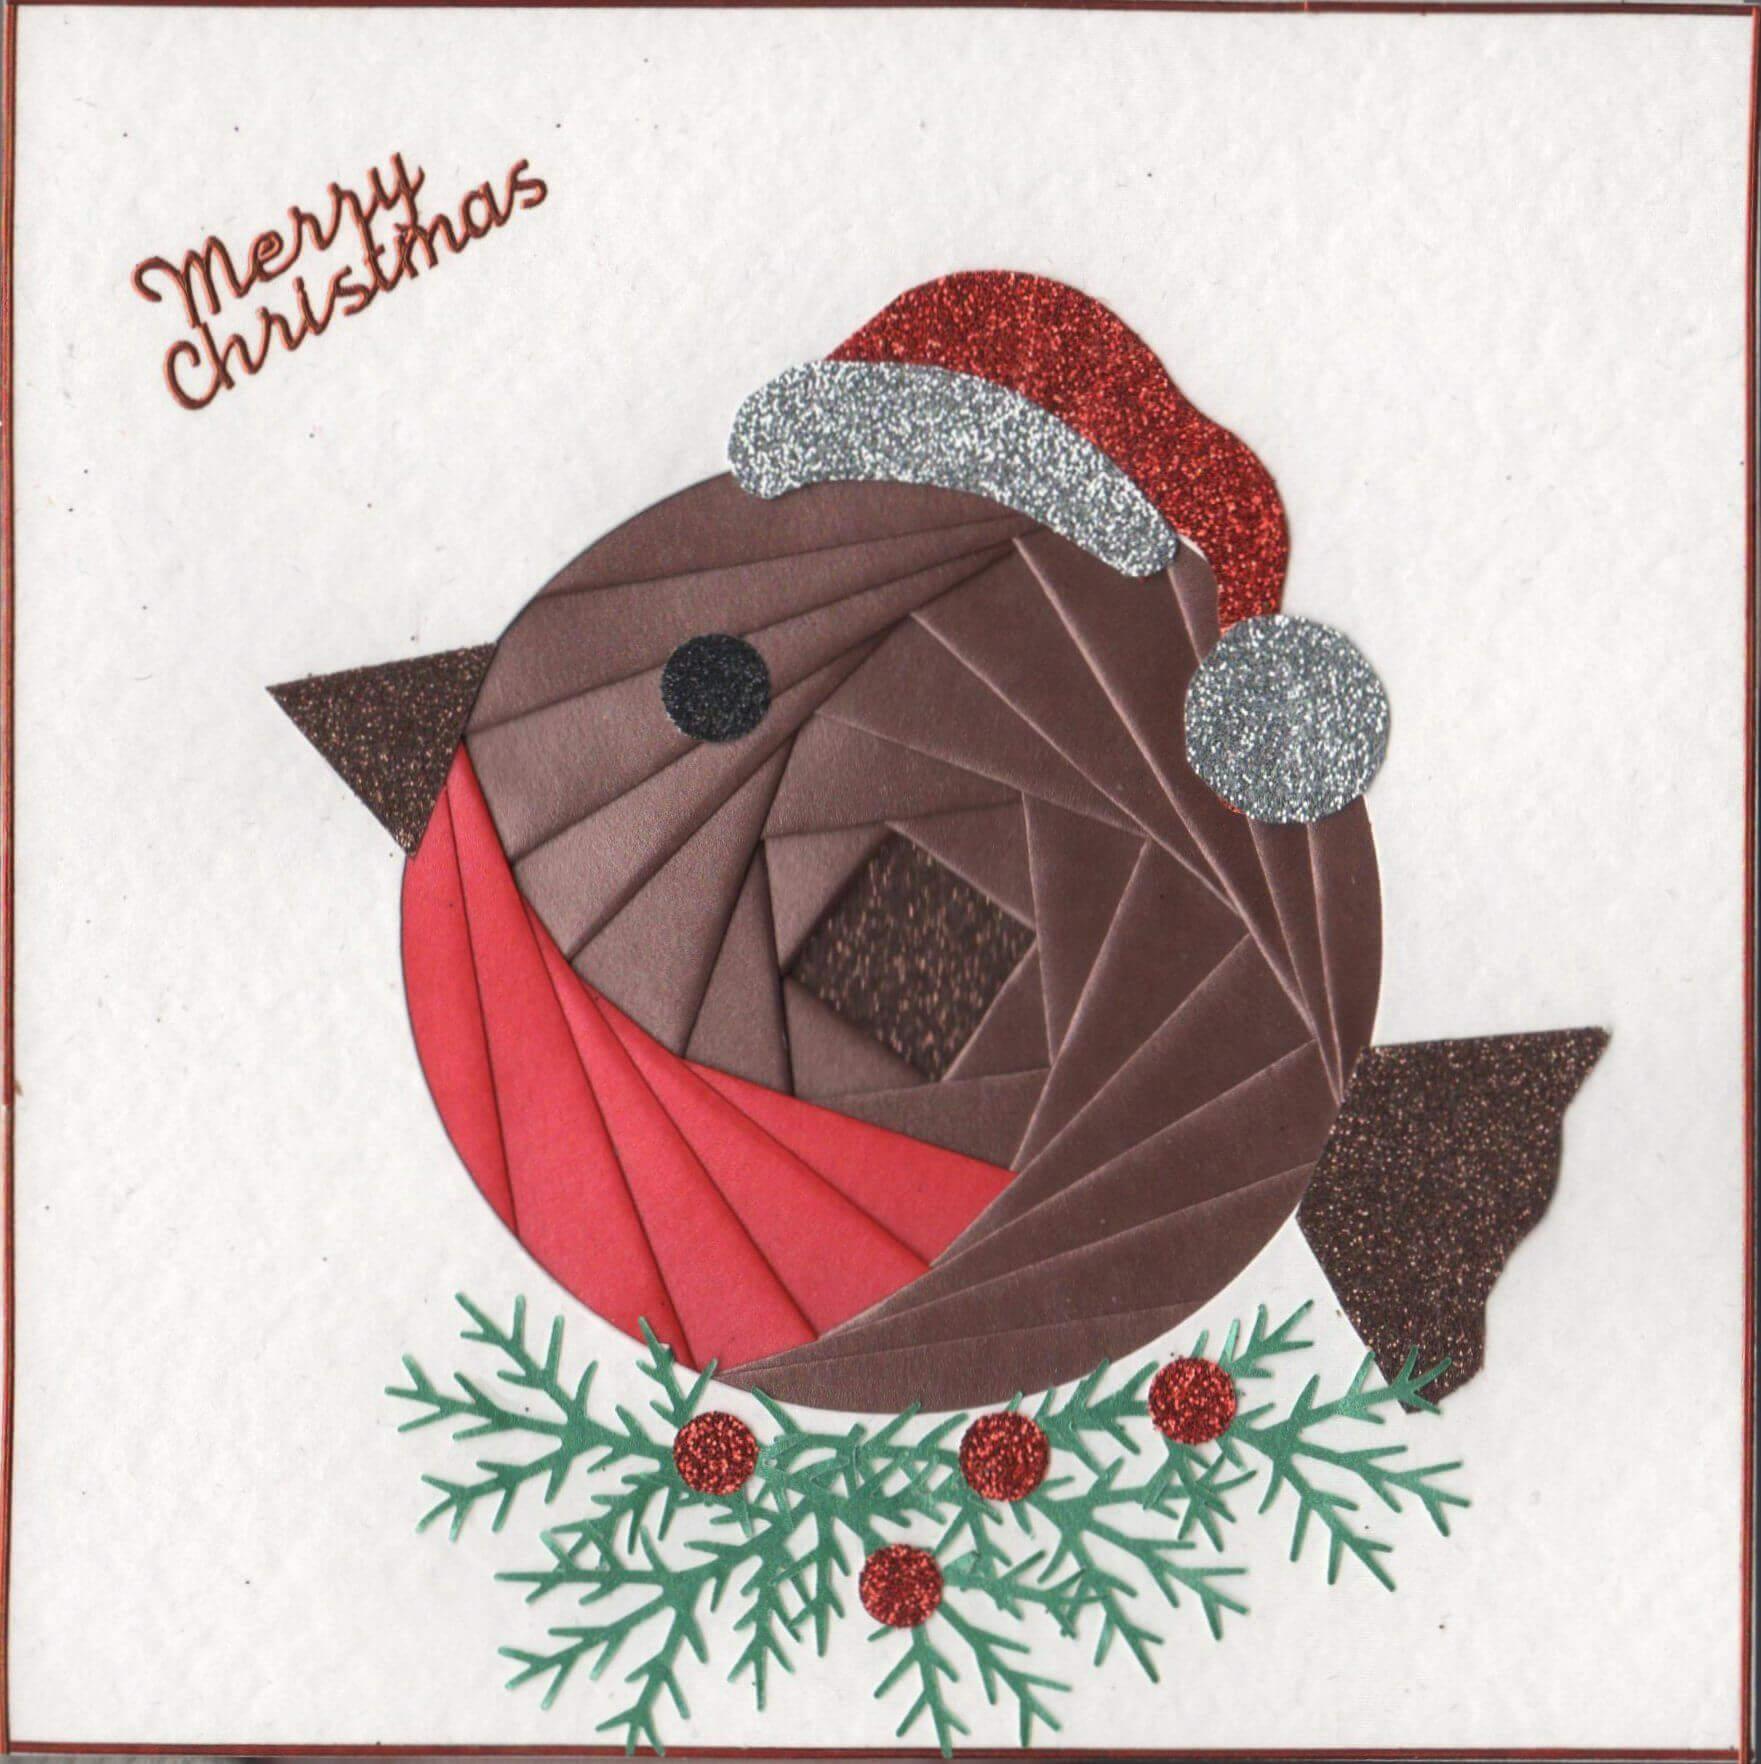 Iris Folding : Christmas Robin | Cards - Iris Folding | Iris in Iris Folding Christmas Cards Templates